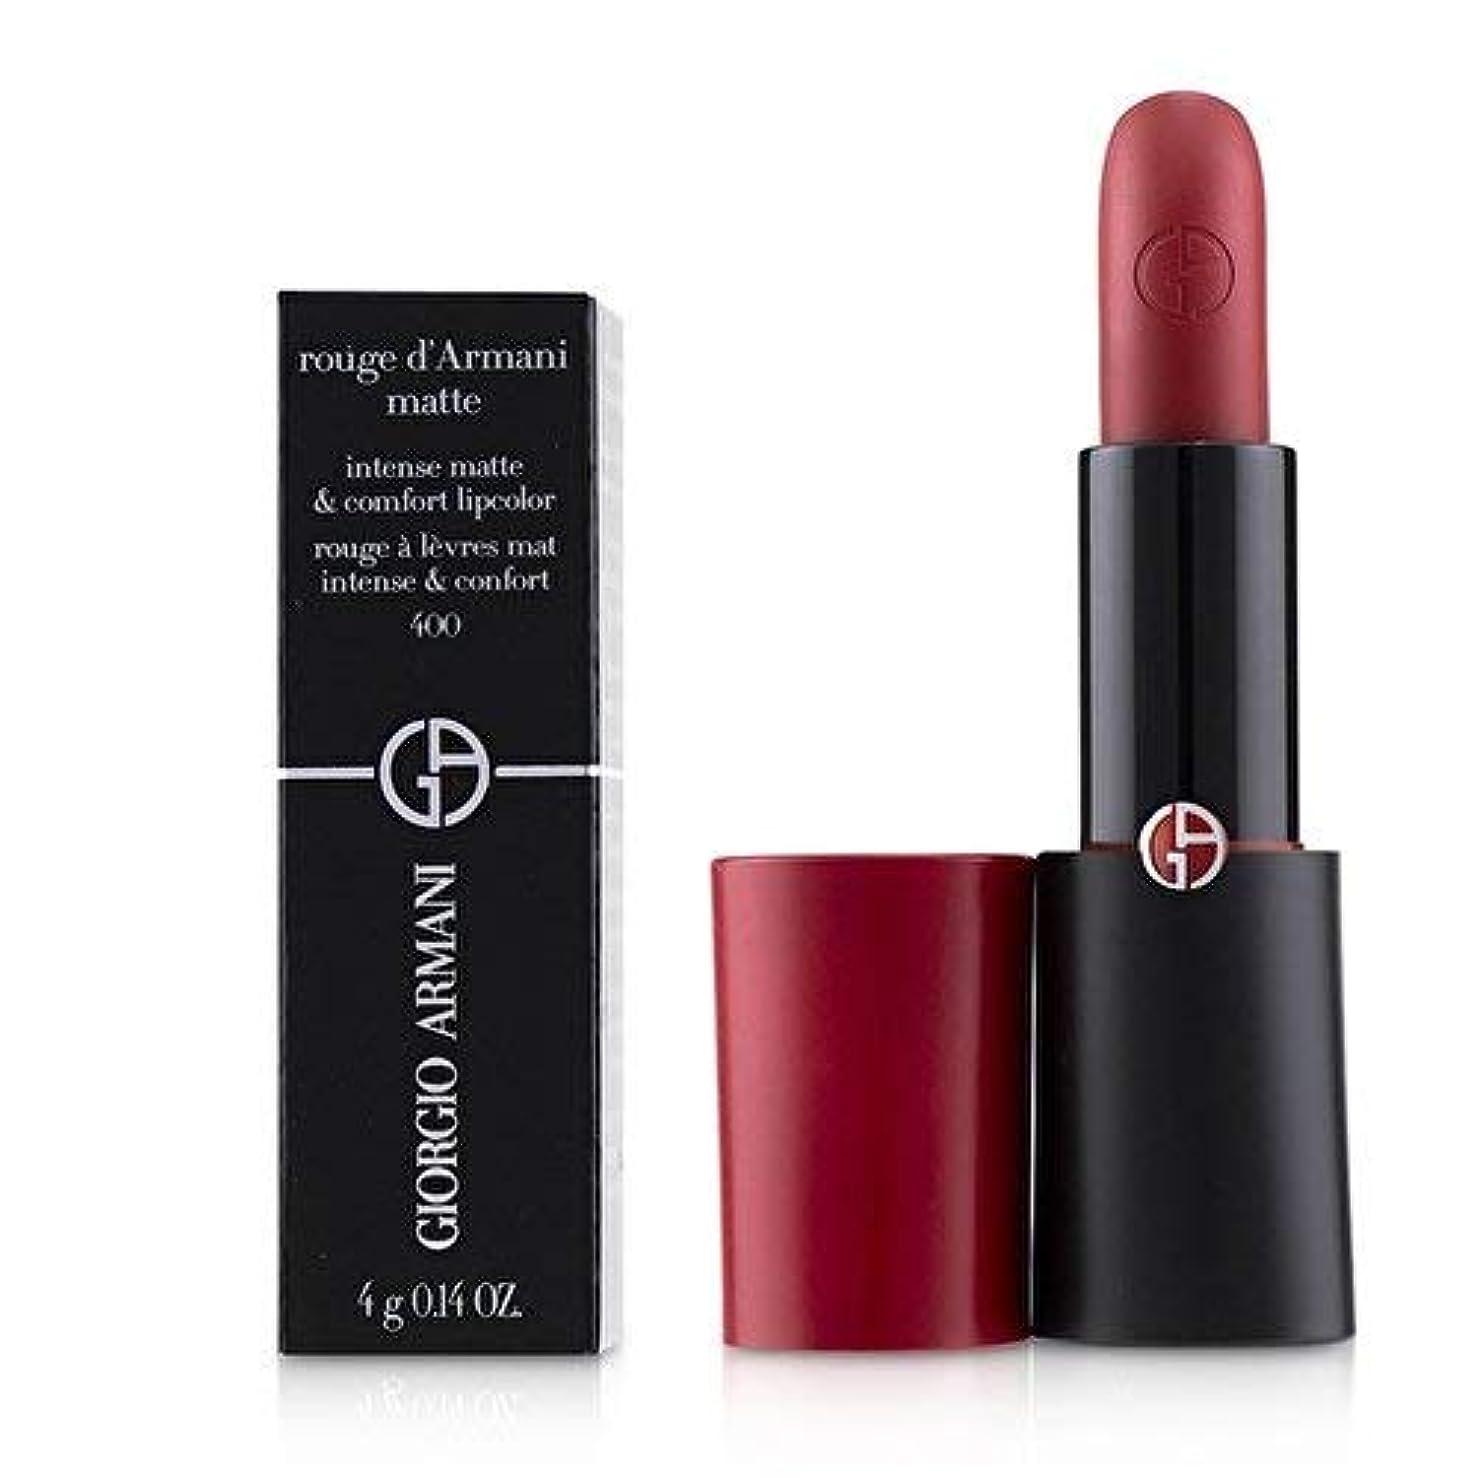 縫う光投げ捨てるジョルジオアルマーニ Rouge D'Armani Matte Intense Matte & Comfort Lipcolor - # 400 Four Hundred 4g/0.14oz並行輸入品